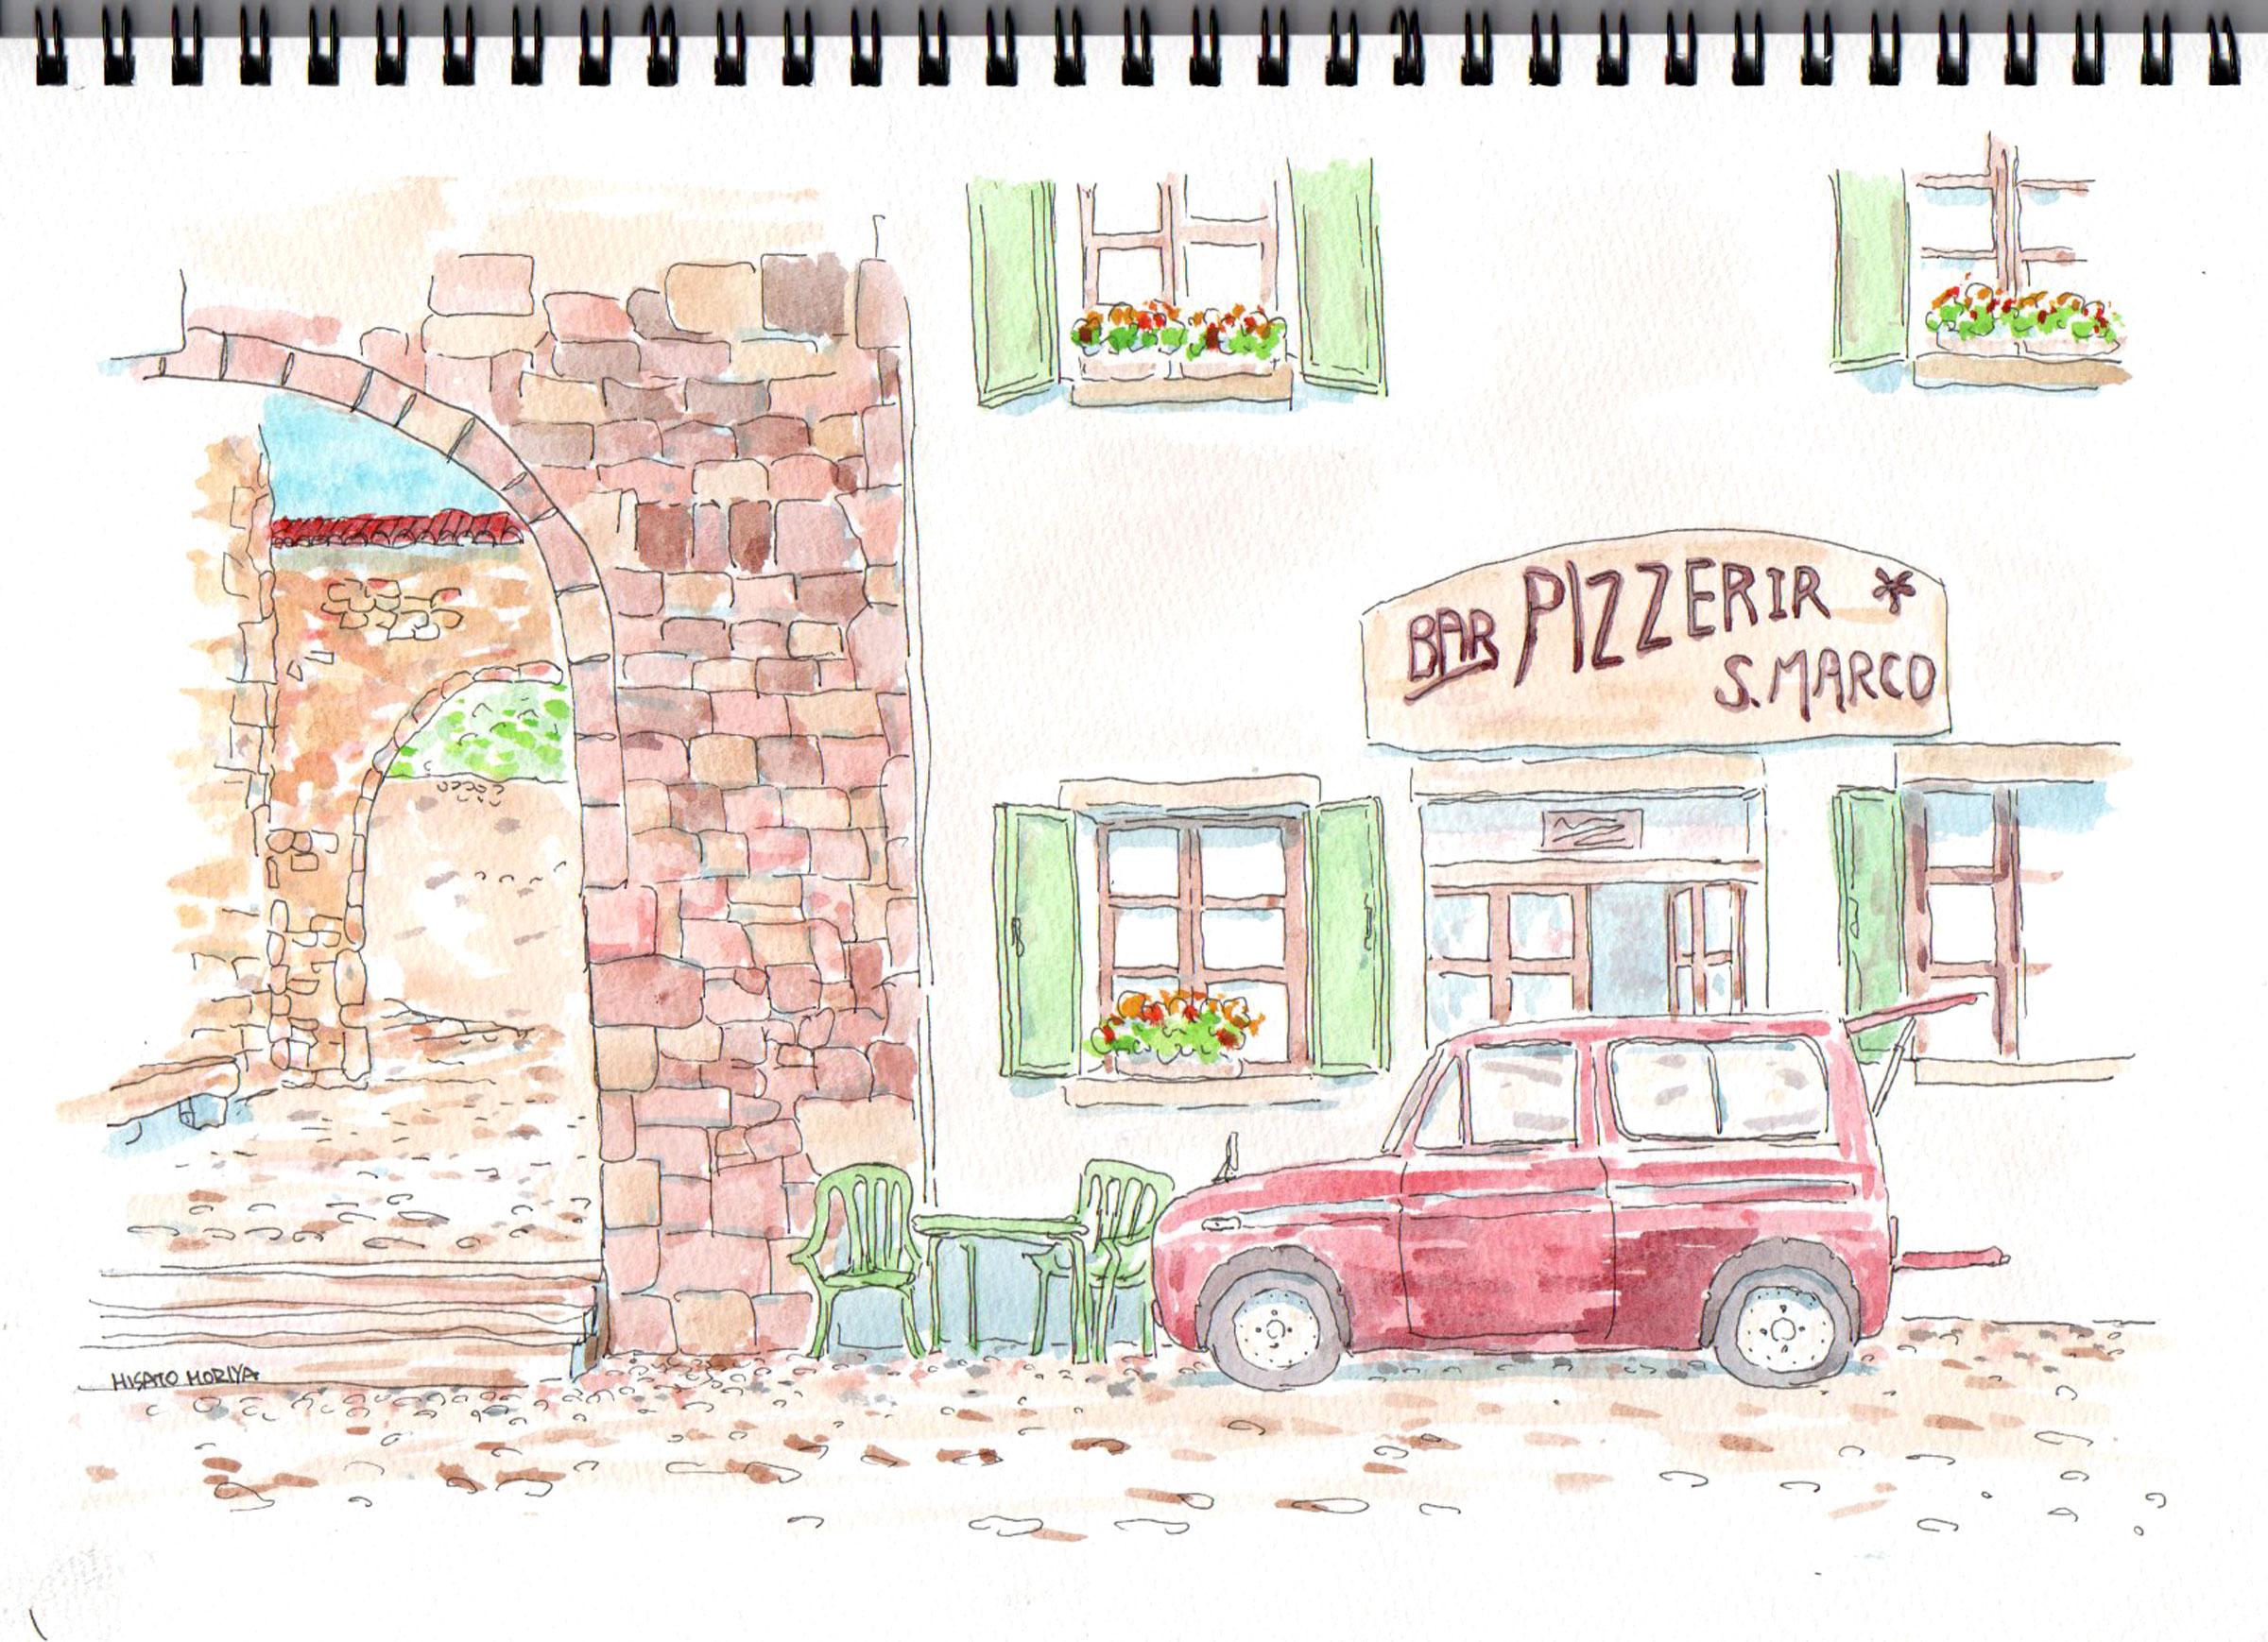 トスカーナのピザ屋さん?とポーターバン